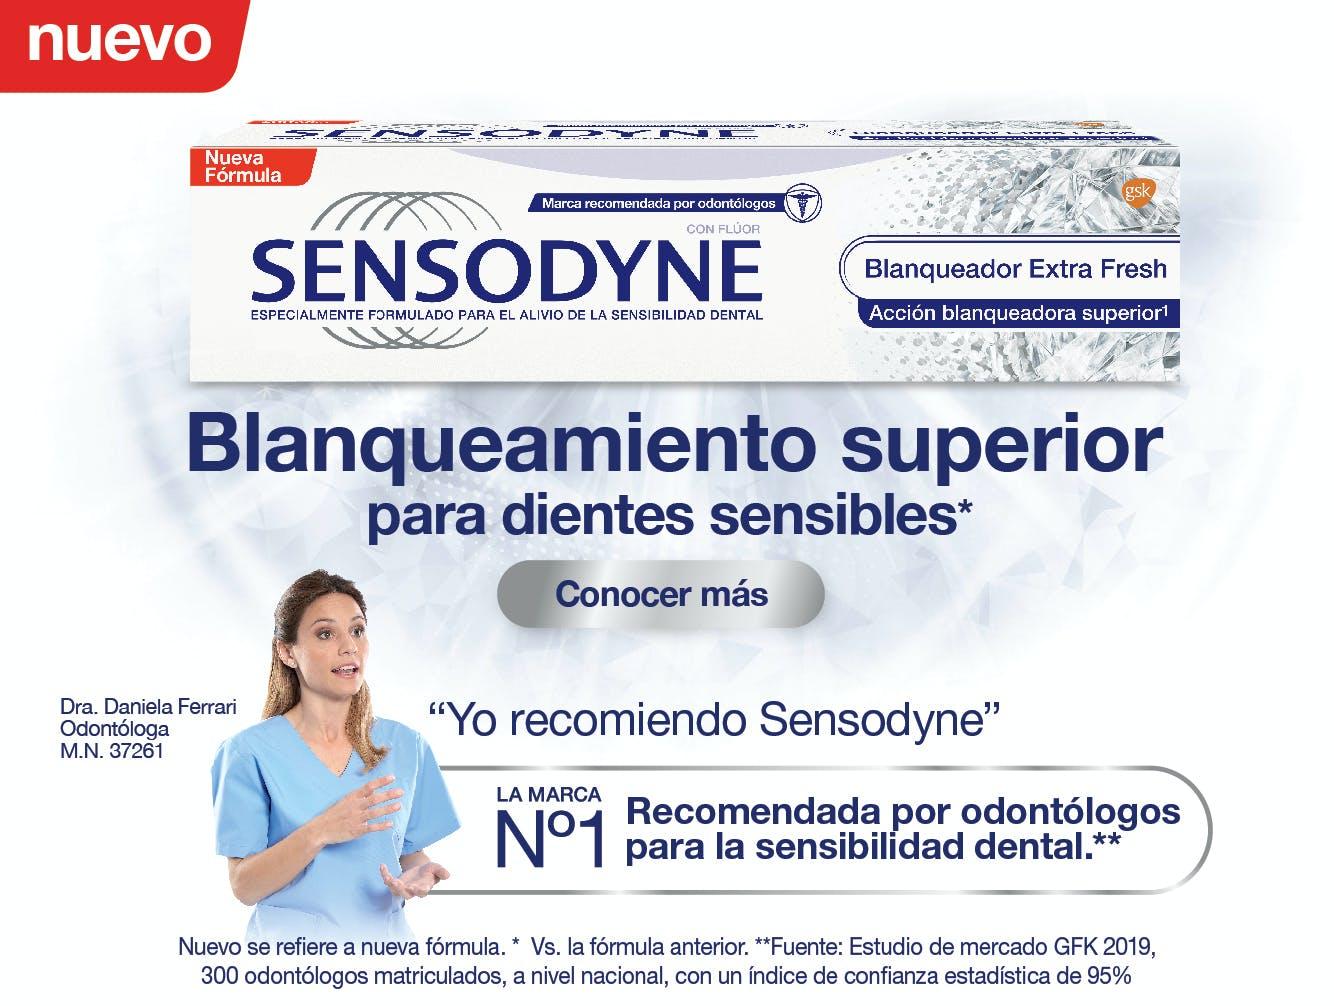 Sitio web Sensodyne Greenland 18.05